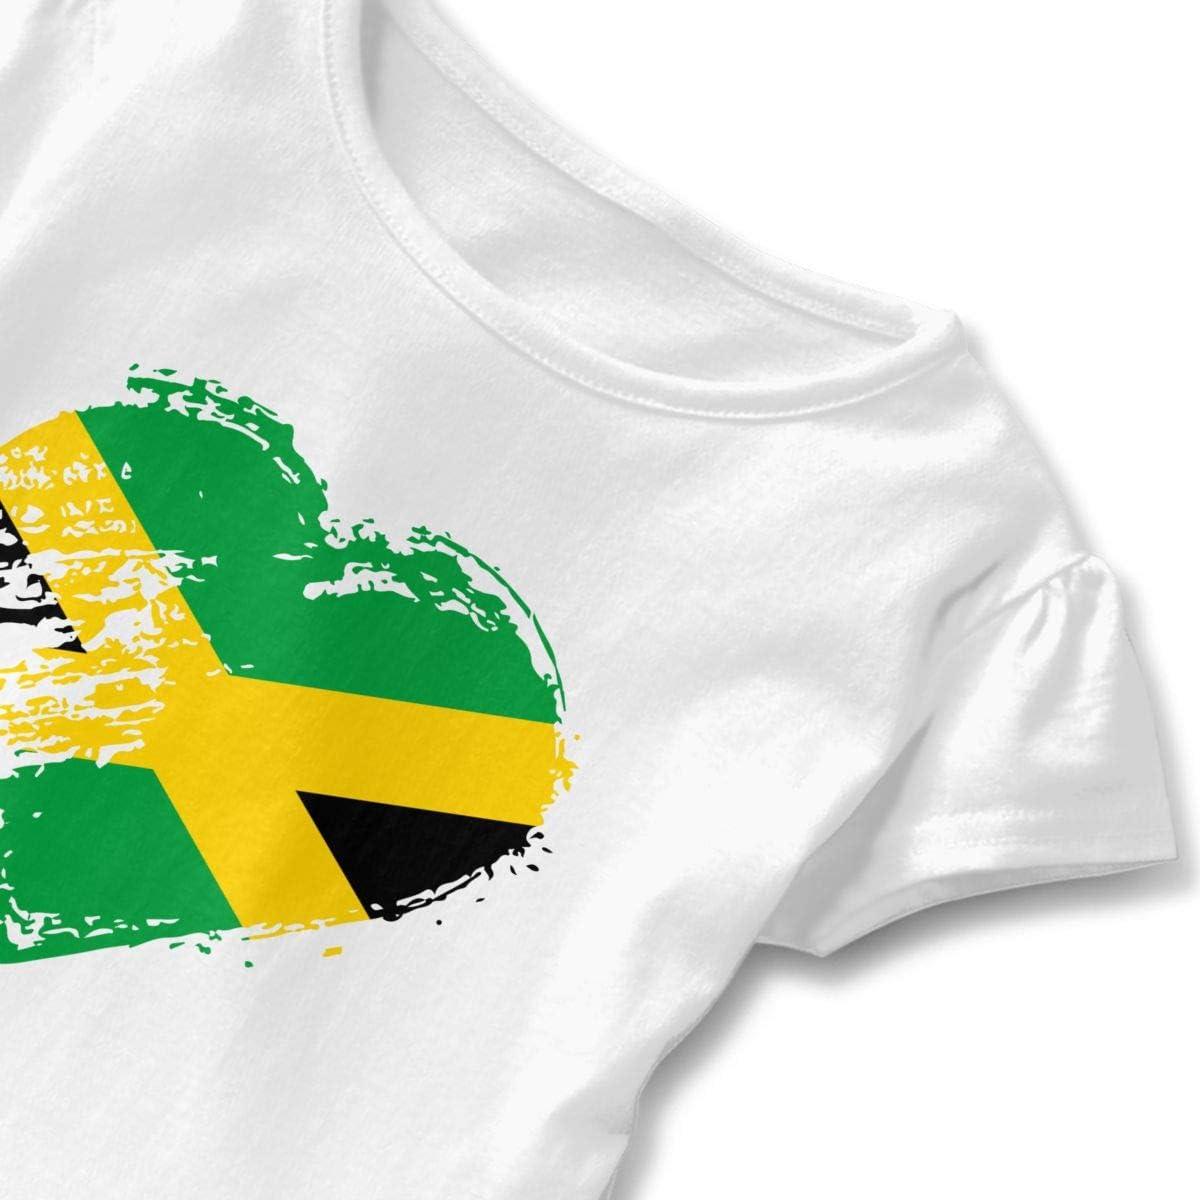 I Love Jamaica Heart Flag Toddler Girls Short Sleeve Peplum Tops